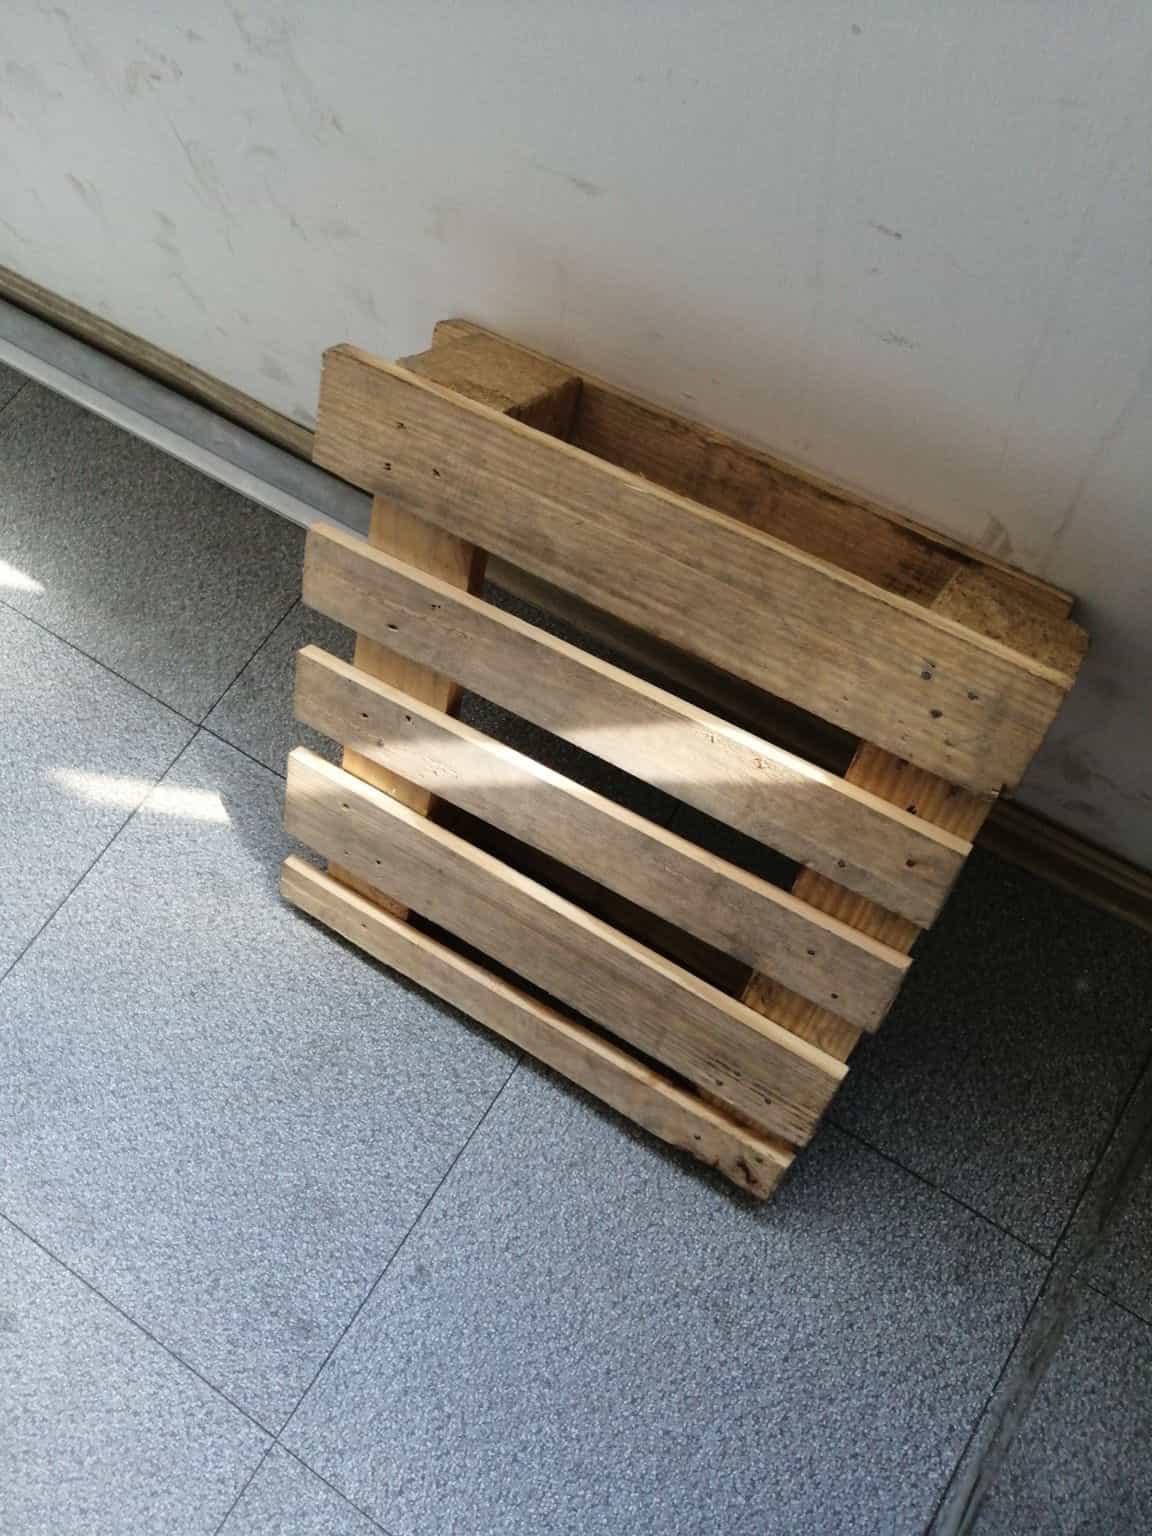 多层板木托盘制造商 - 批发厂家